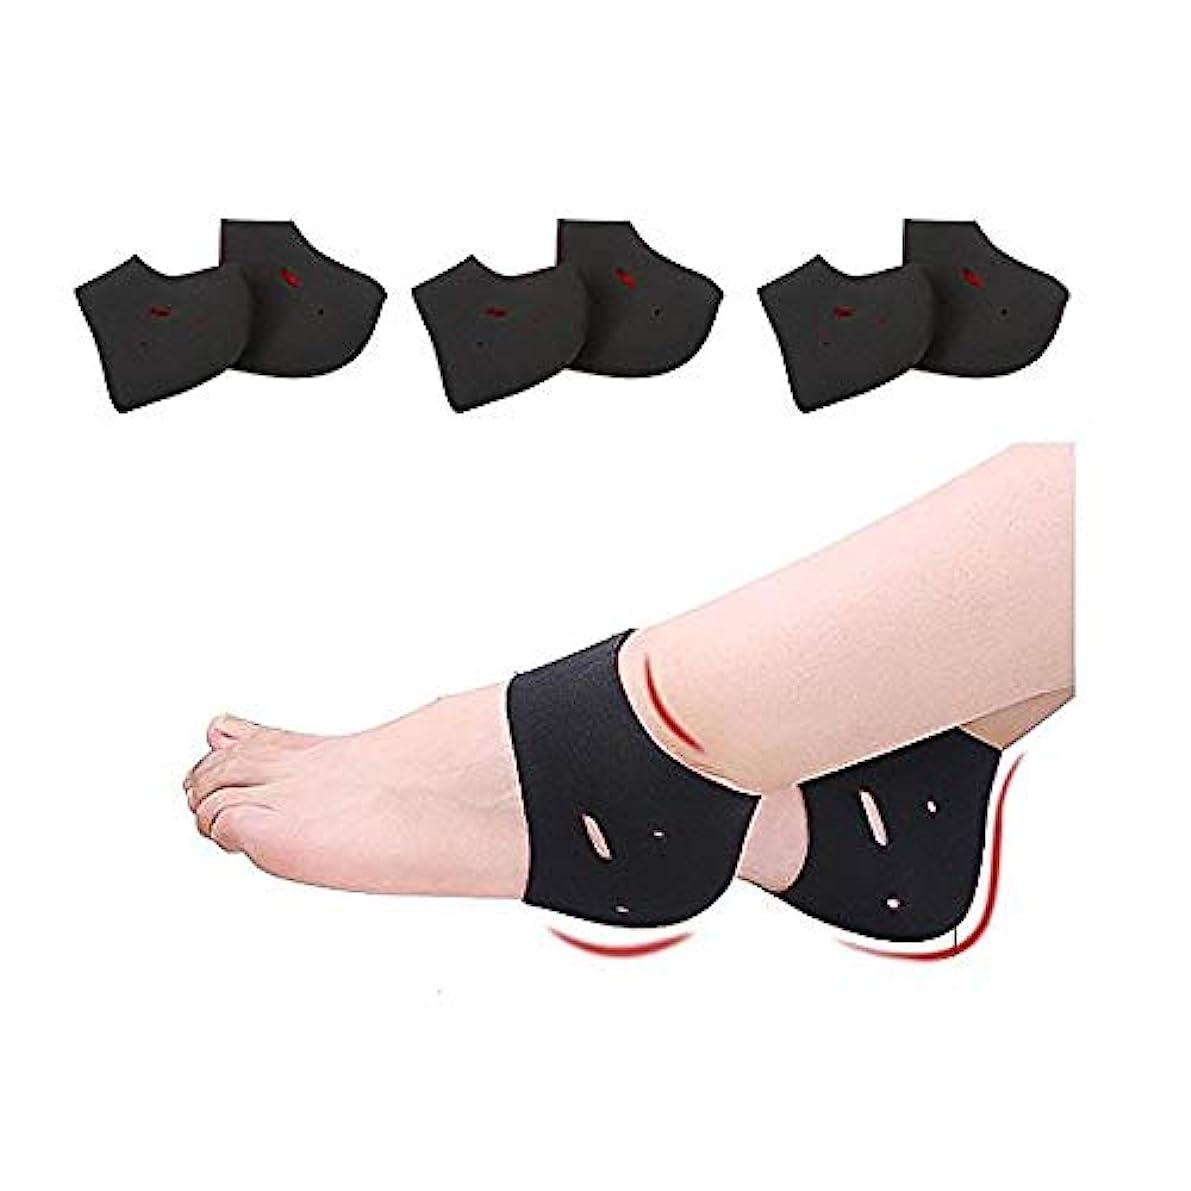 敬の念ヒゲアルファベット3足セット両足用 フリーサイズ 角質ケア かかとかかとケア かかとサポーター 靴下